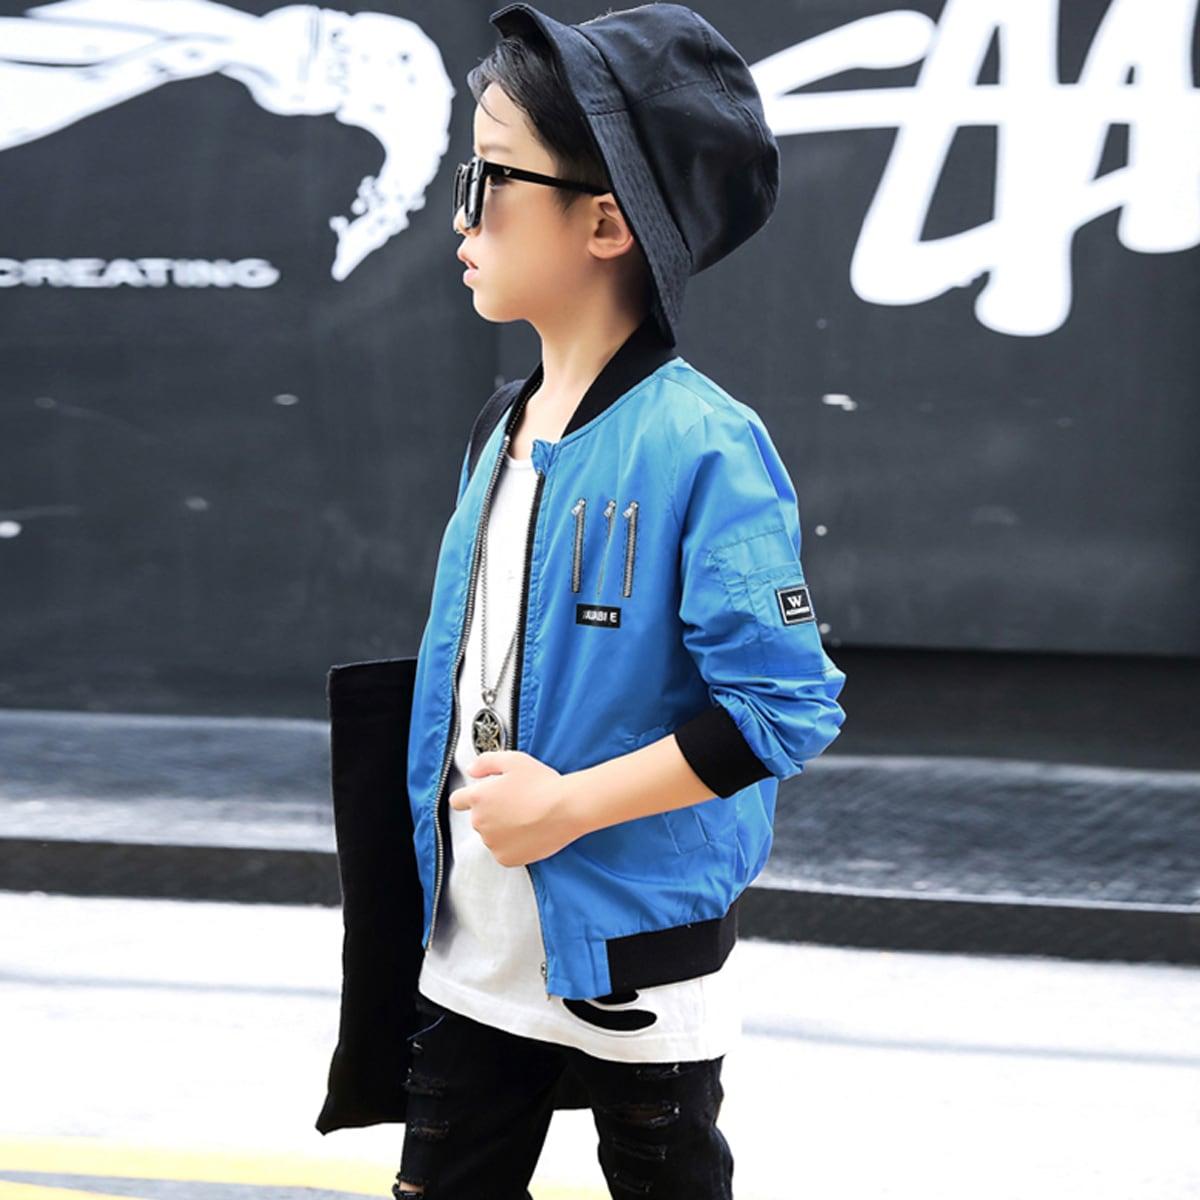 ブルー/青 男の子着用 イメージ